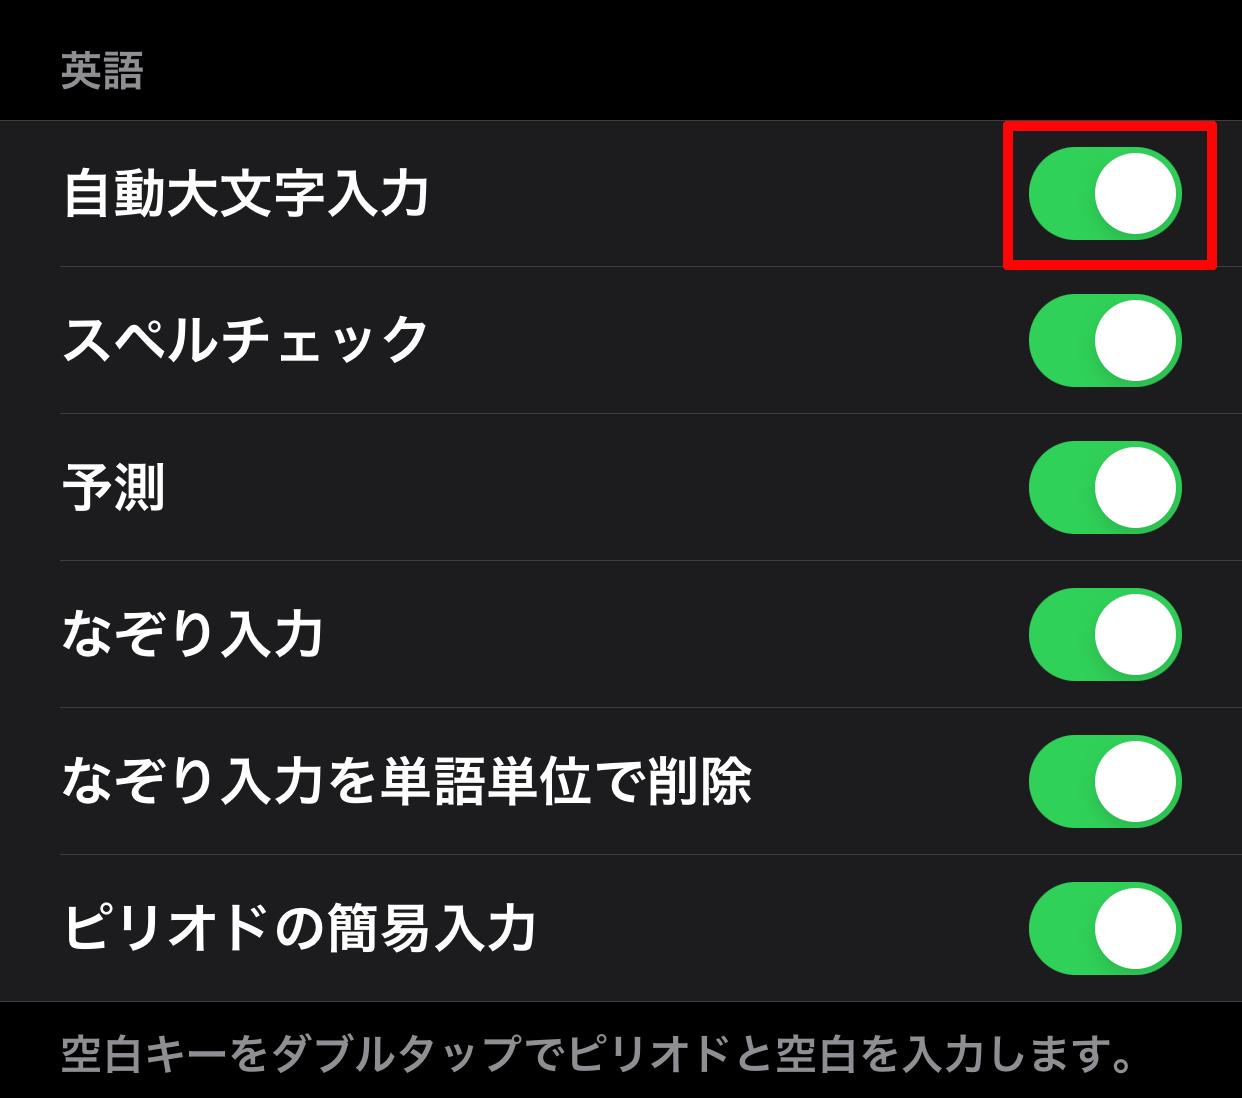 次に「キーボード」の設定の下へスクロールした中にある「自動大文字入力」の緑色になっている部分をタップ